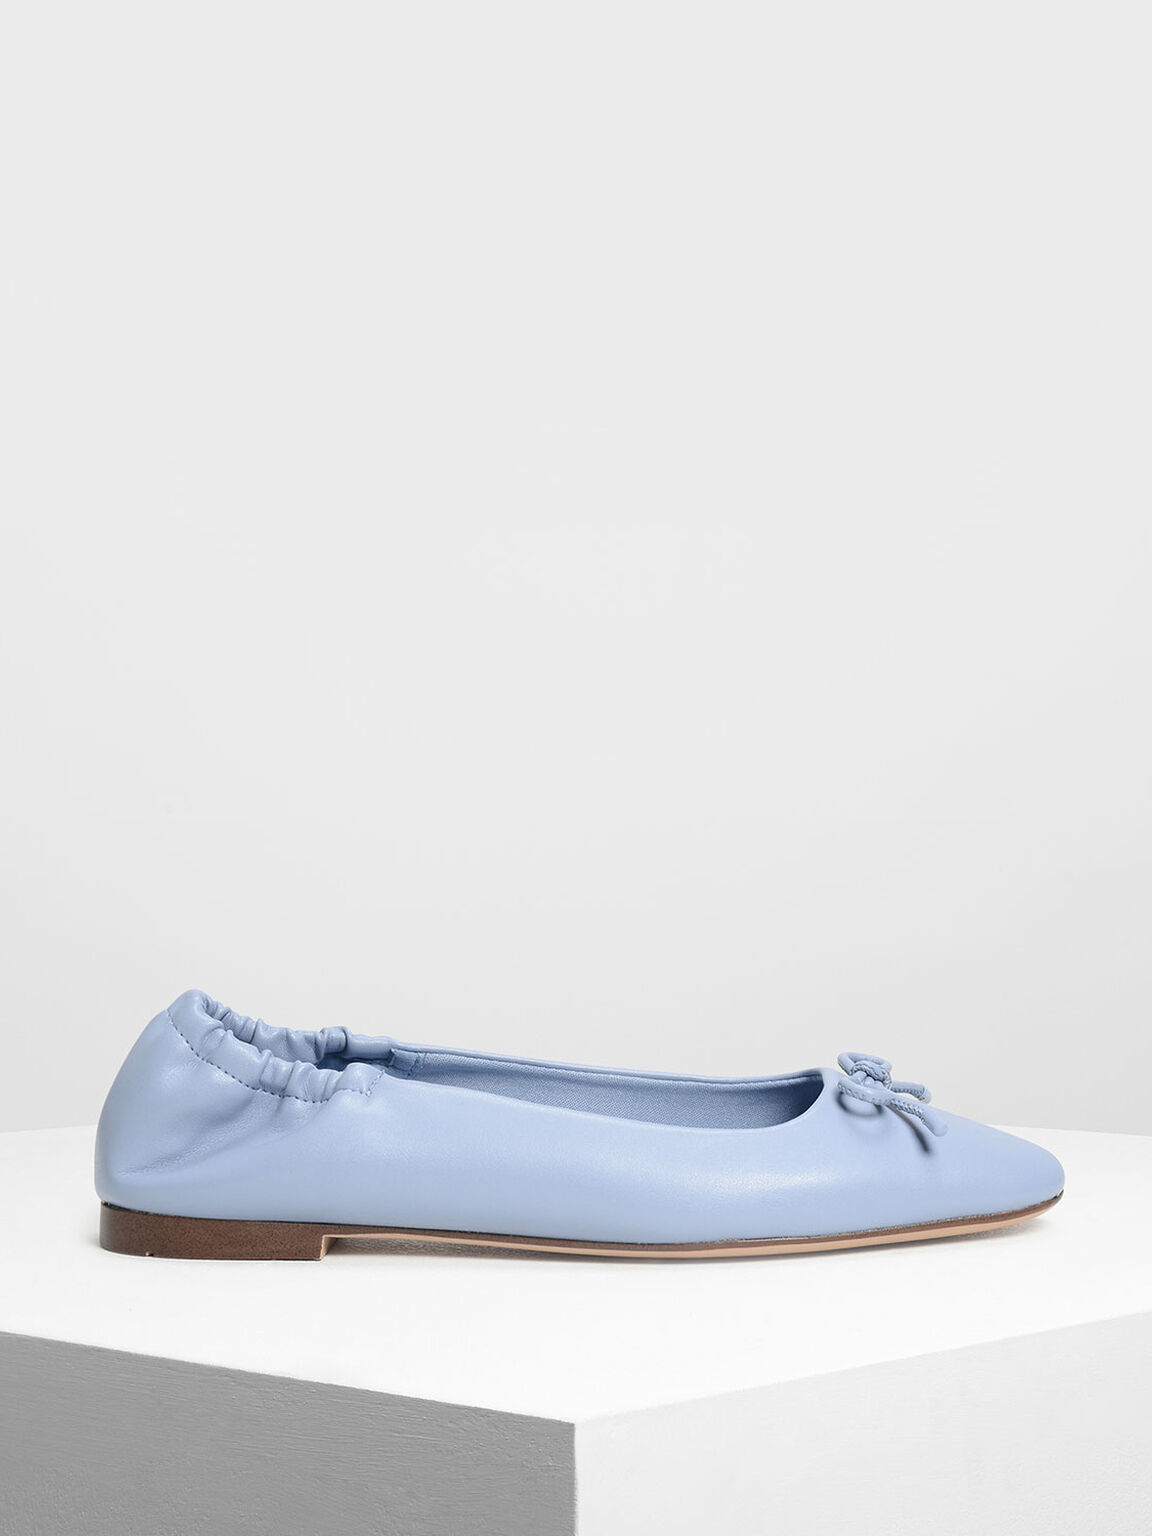 Bow Ballerina Flats, Light Blue, hi-res